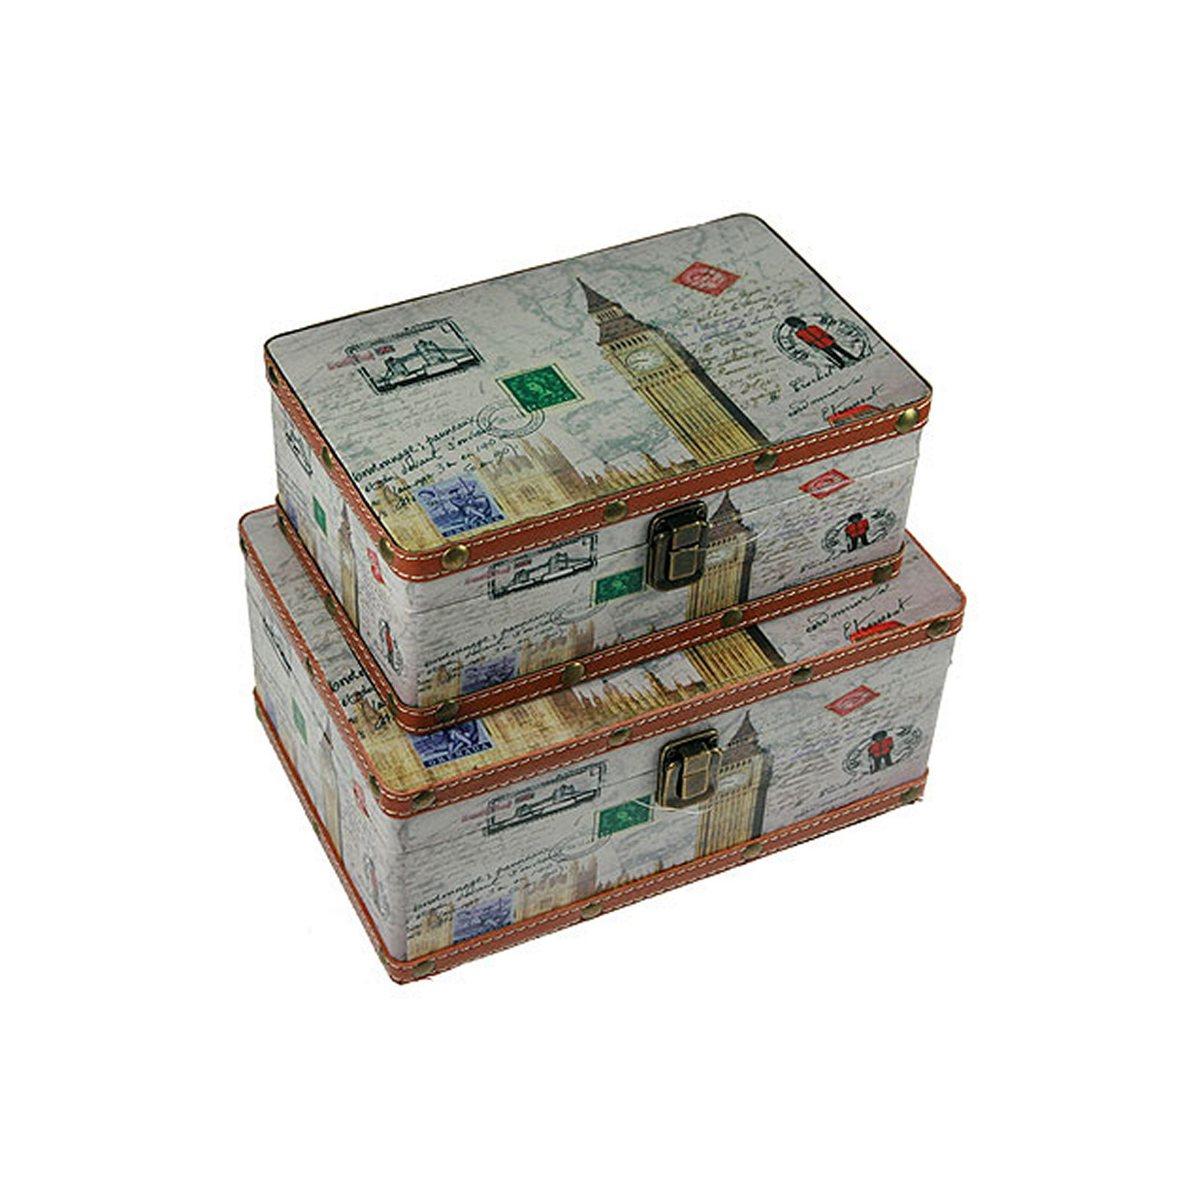 Набор сундучков Roura Decoracion, 27 х 18 х 12 см, 2 шт. 34717 набор сундучков roura decoracion 2 шт 42х31х11 см 34752